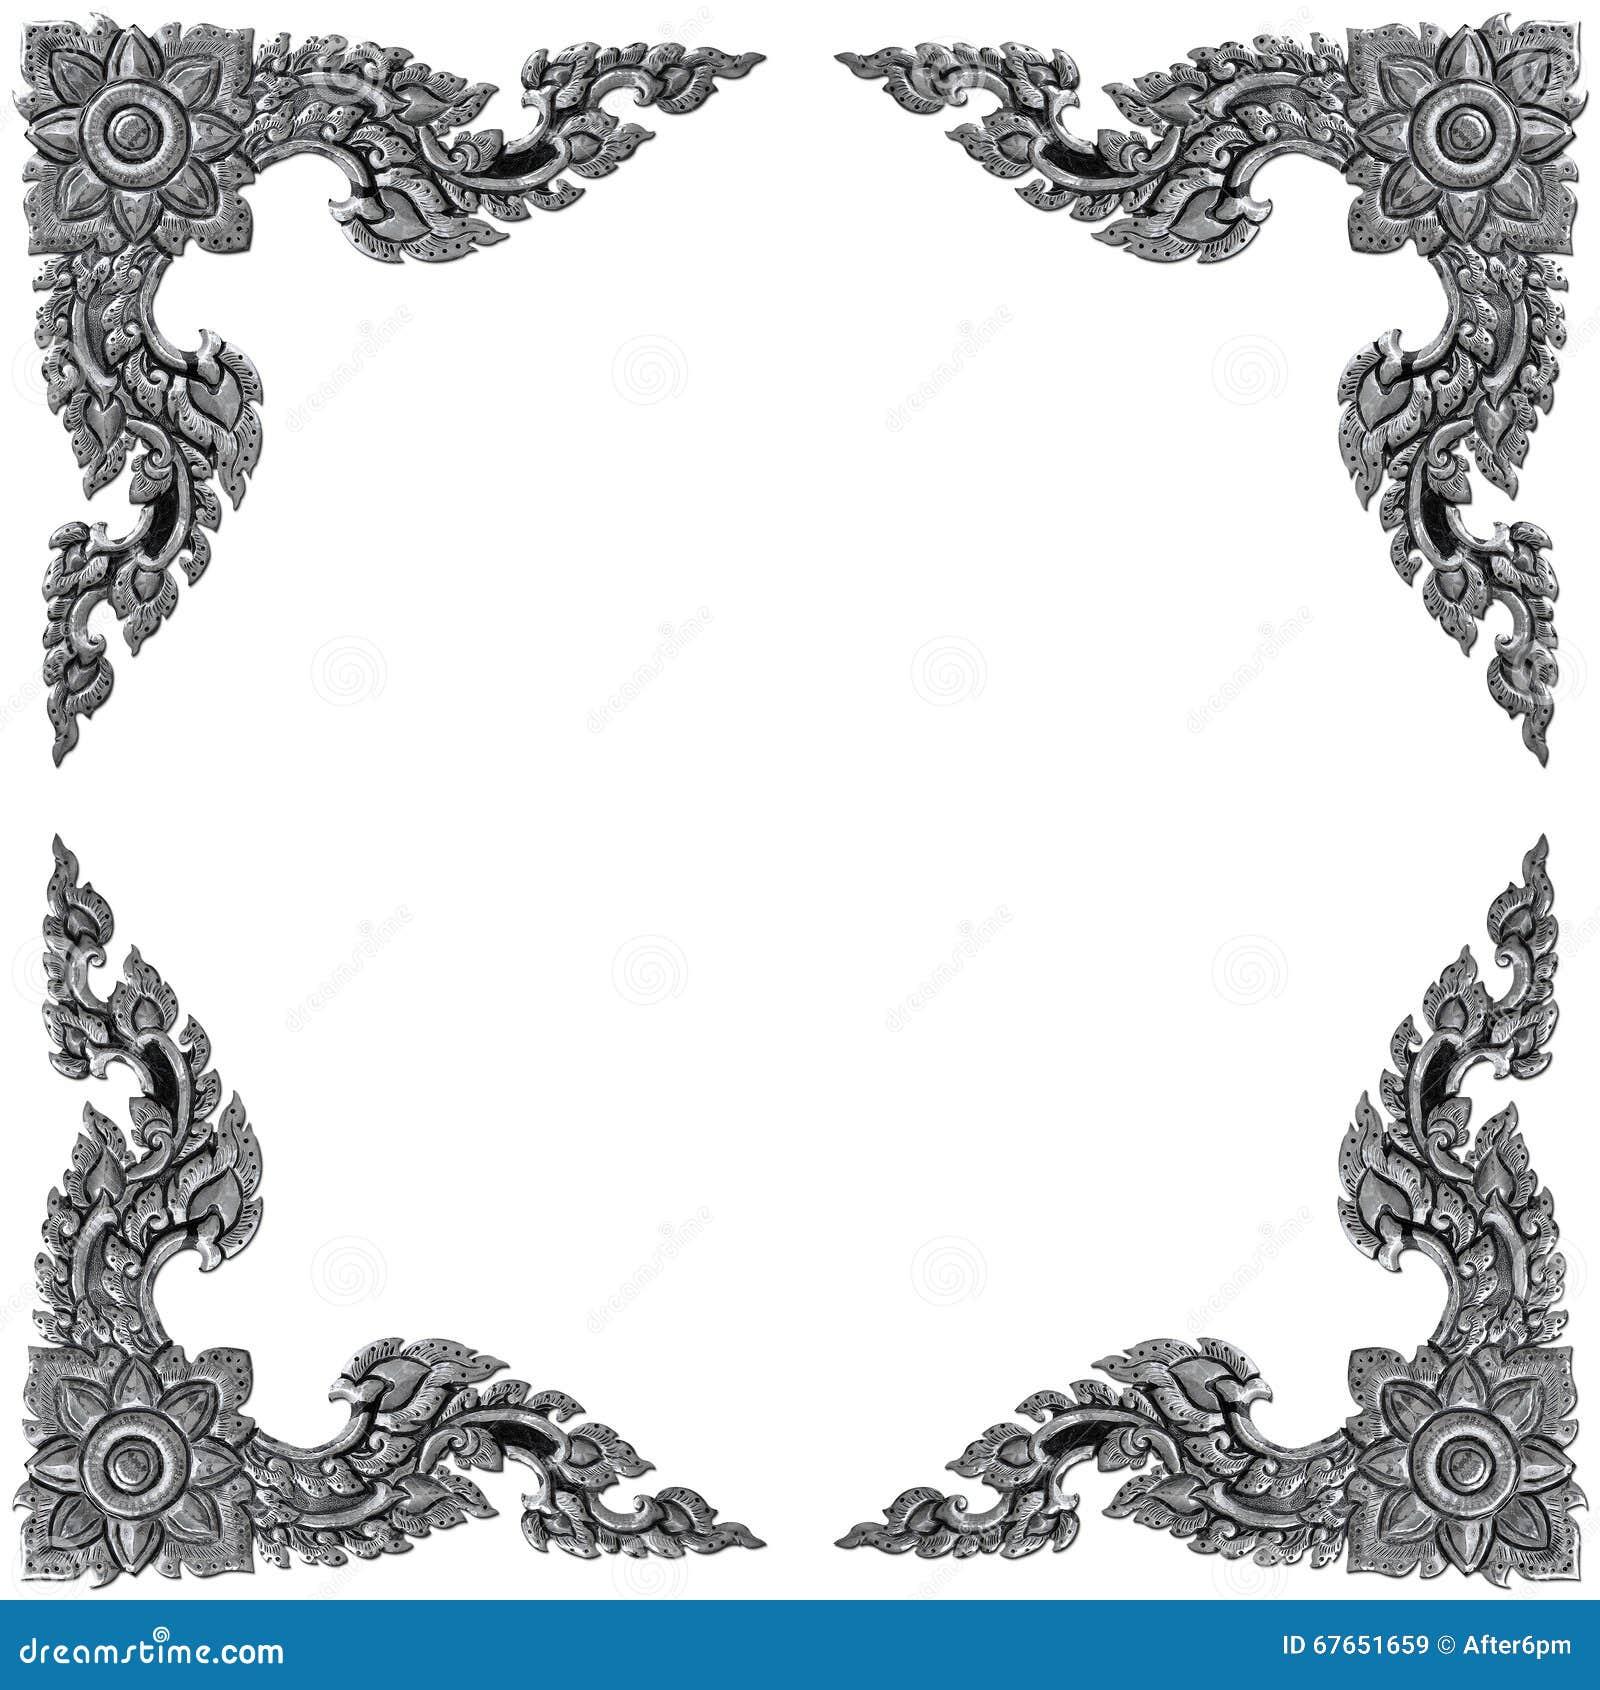 Ornament elements frame, vintage silver floral designs